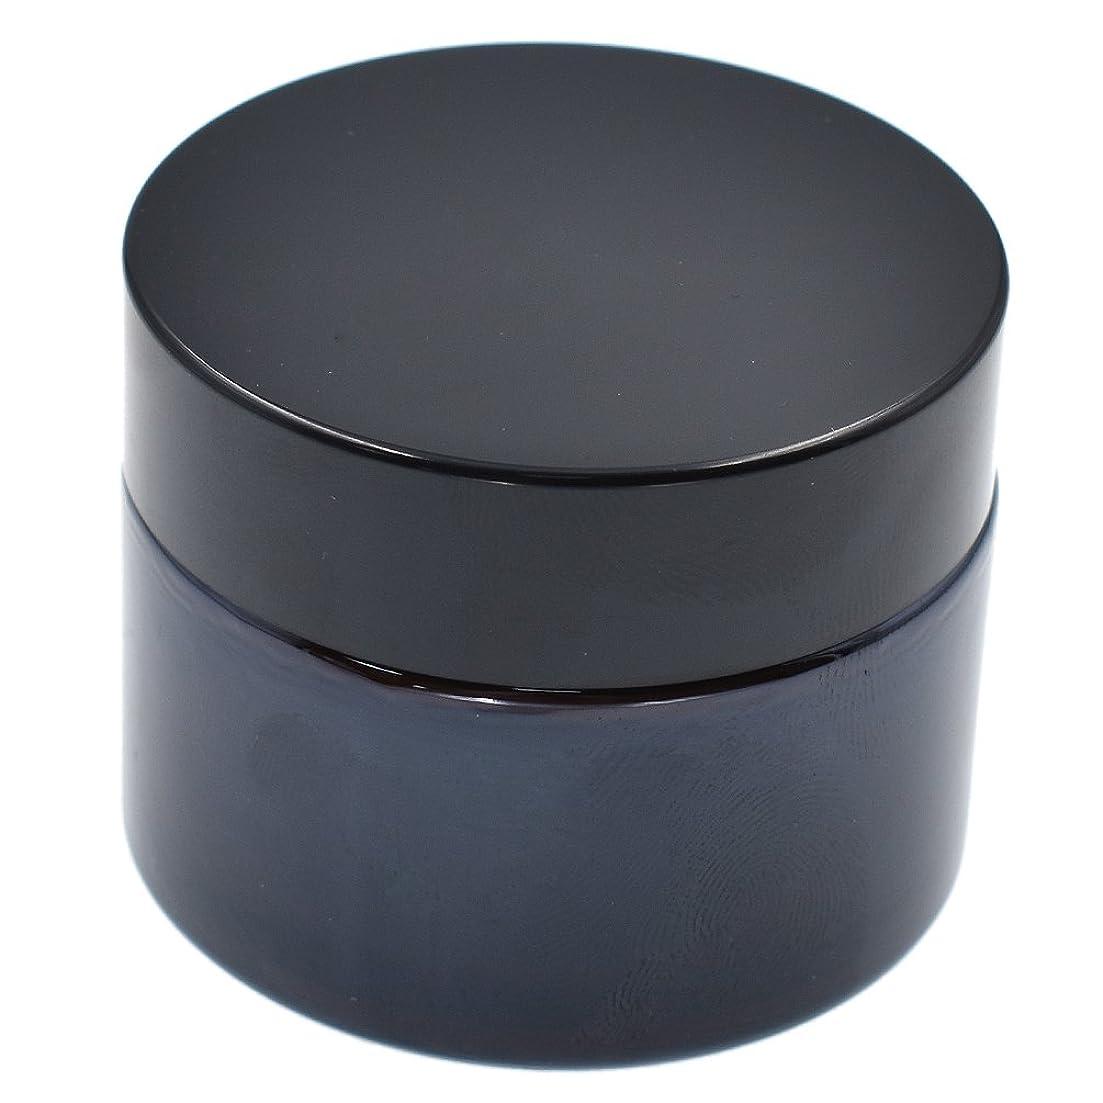 小道具香ばしいスペアHongma ブラウン クリームケース クリームジャー クリームボトル詰め替え容器 キャパシティ 5種類 size 50g